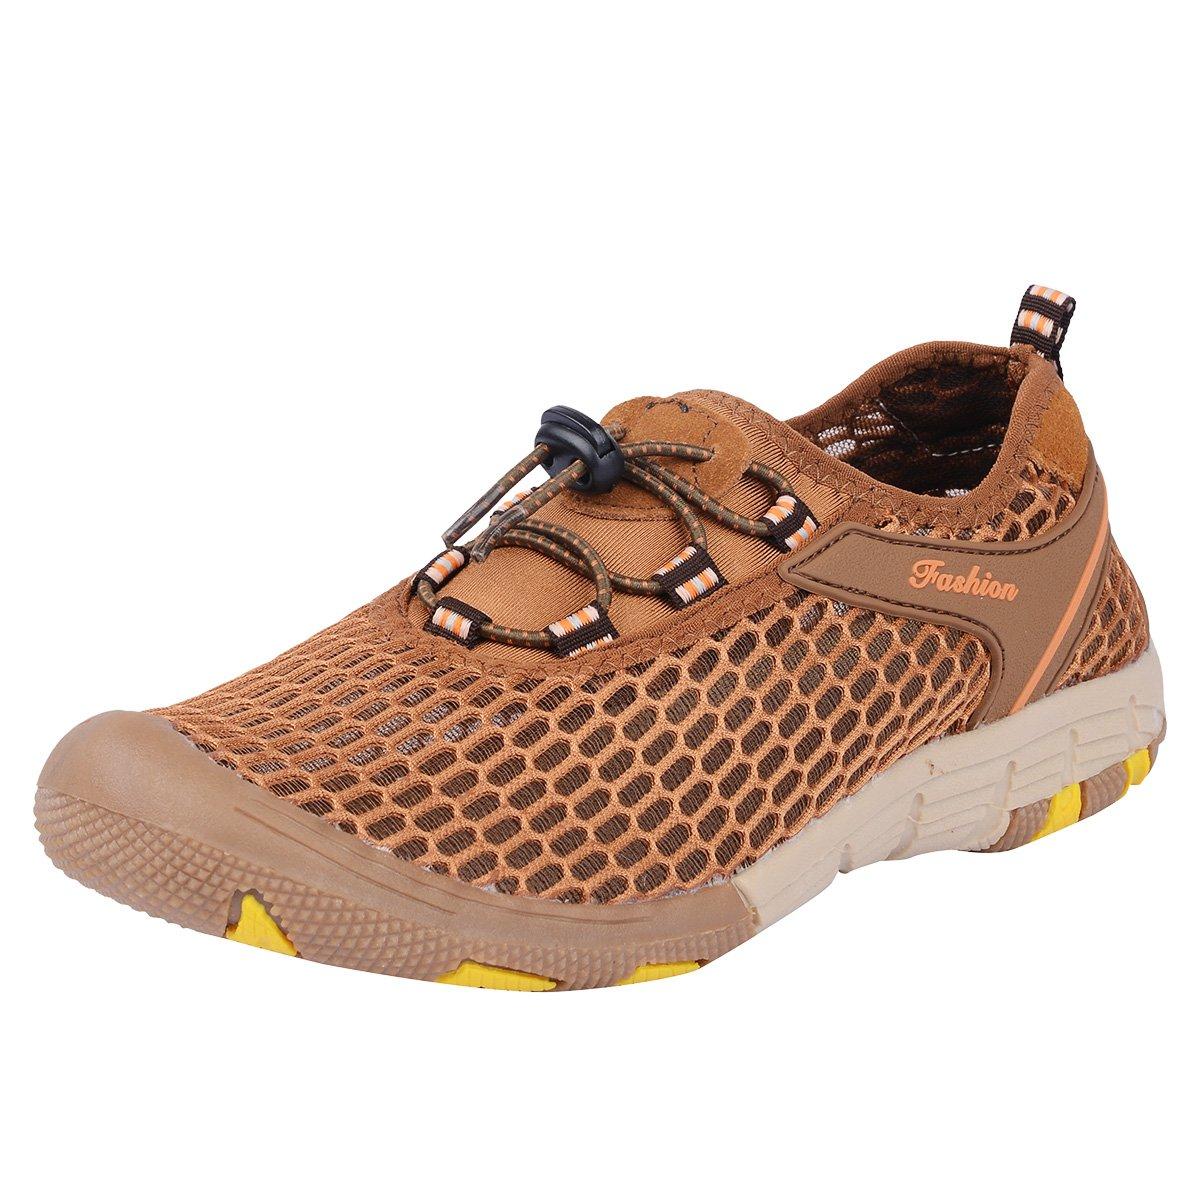 Neoyowo Mens Quick Drying Aqua Water Shoes for Hiking Beach Walking(Light Brown 45 EU)